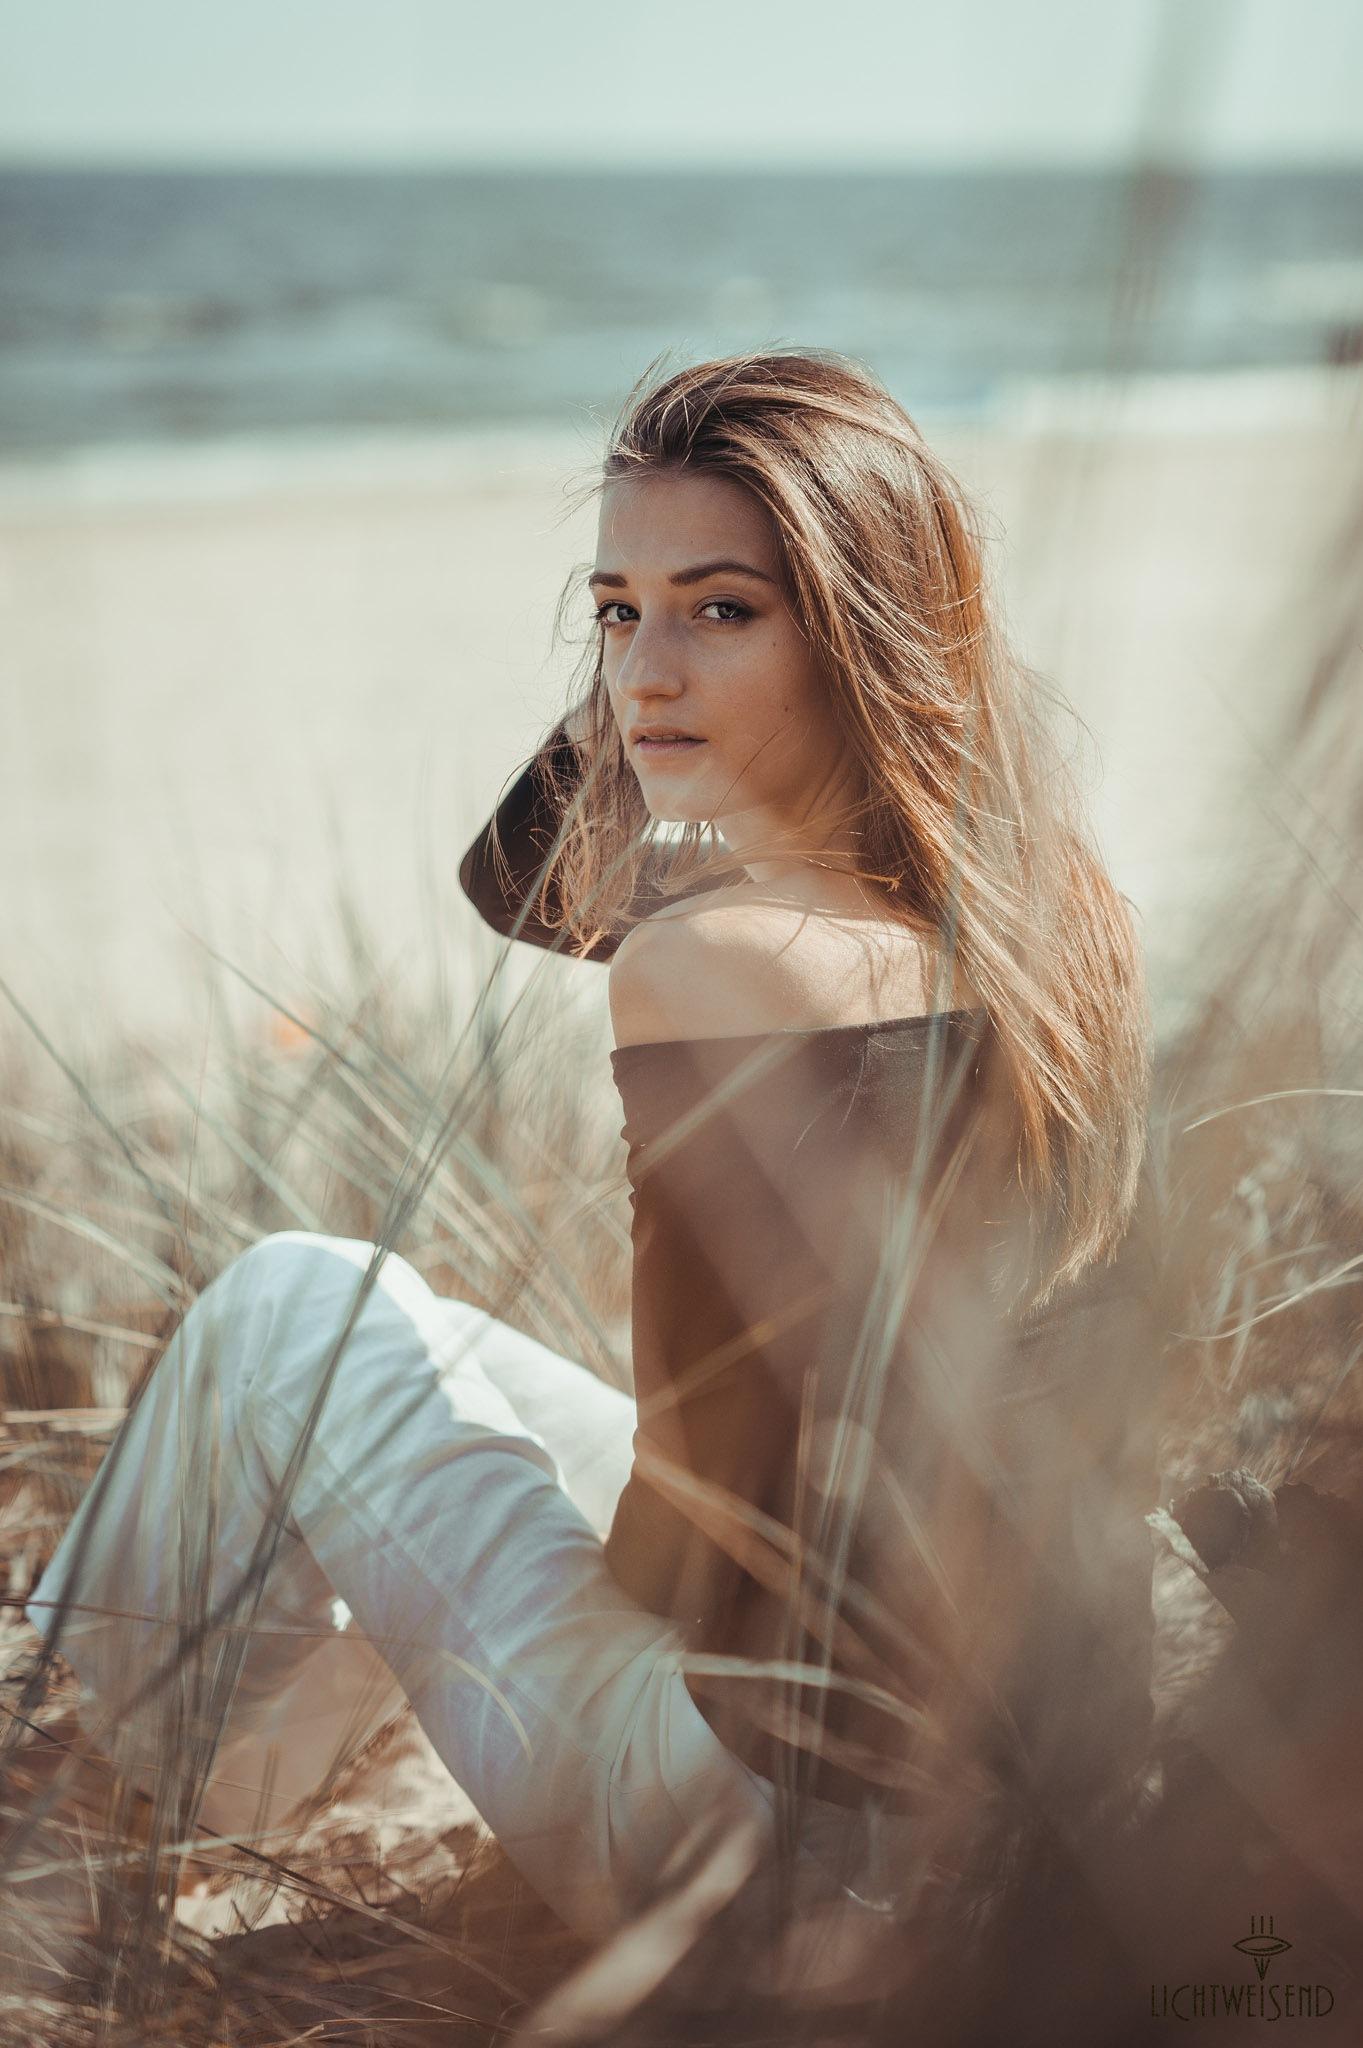 Katha by lichtweisend